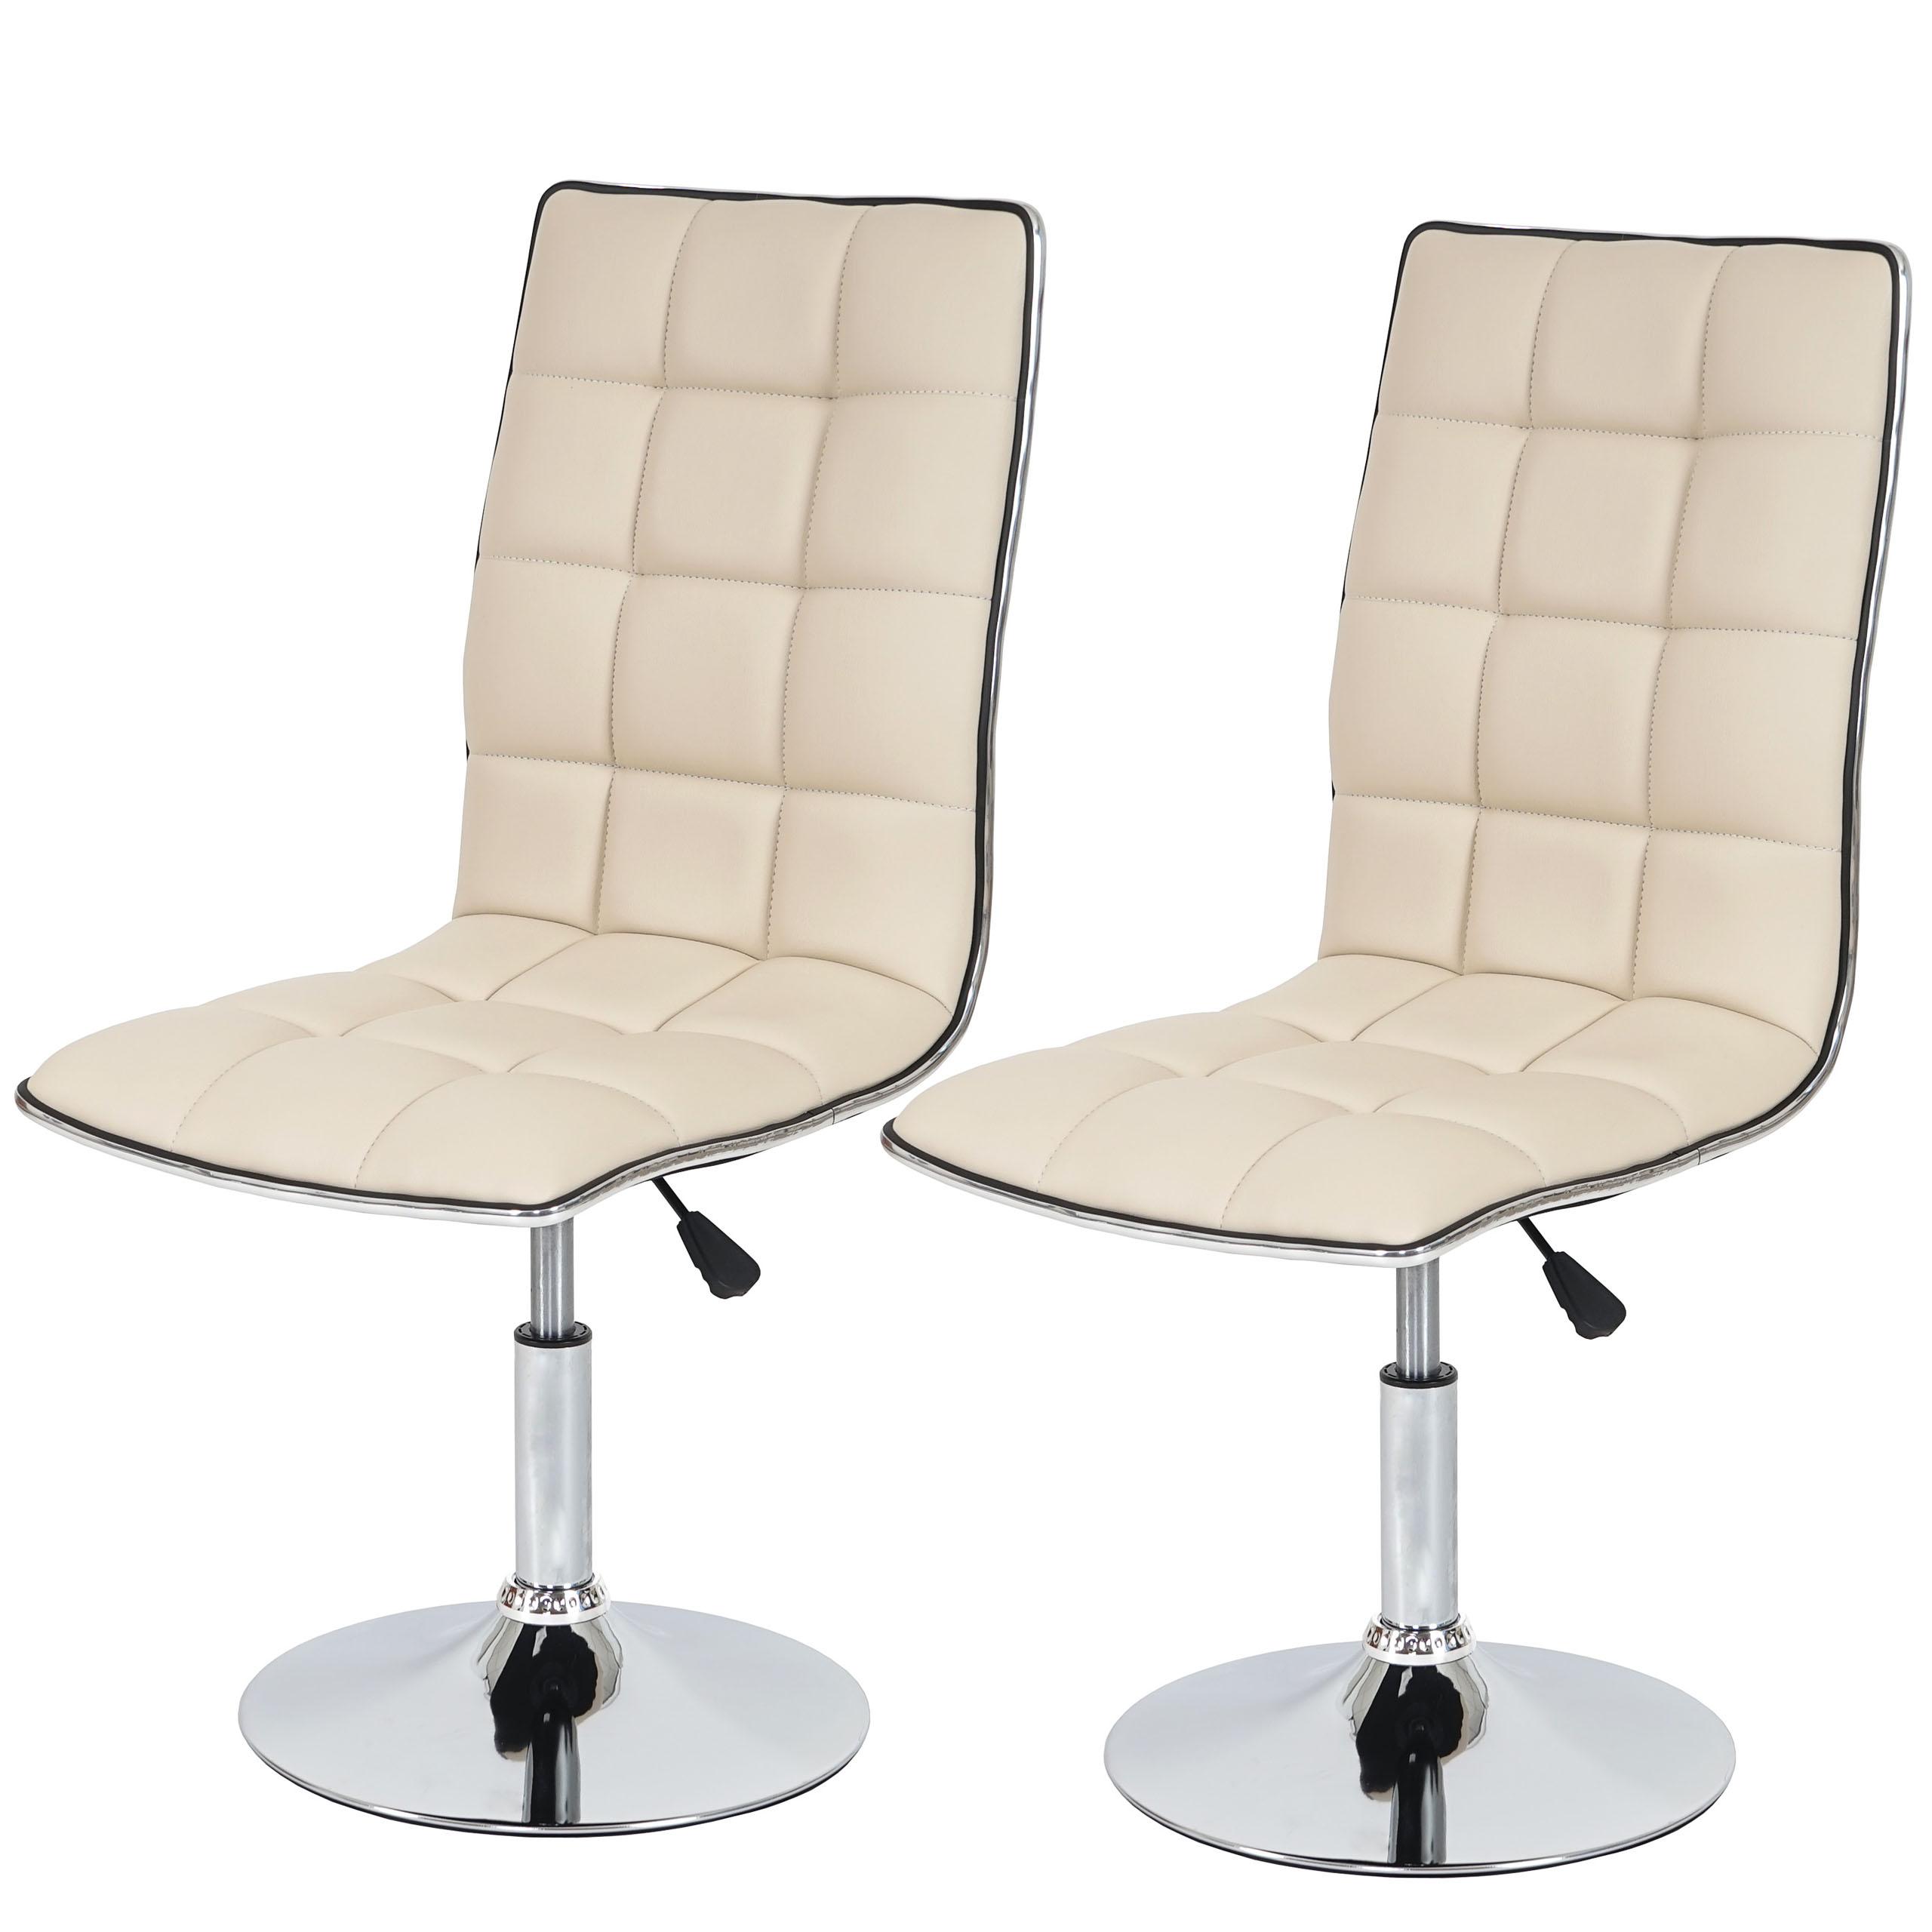 2x esszimmerstuhl hwc c41 stuhl lehnstuhl h henverstellbar drehbar kunstleder creme. Black Bedroom Furniture Sets. Home Design Ideas